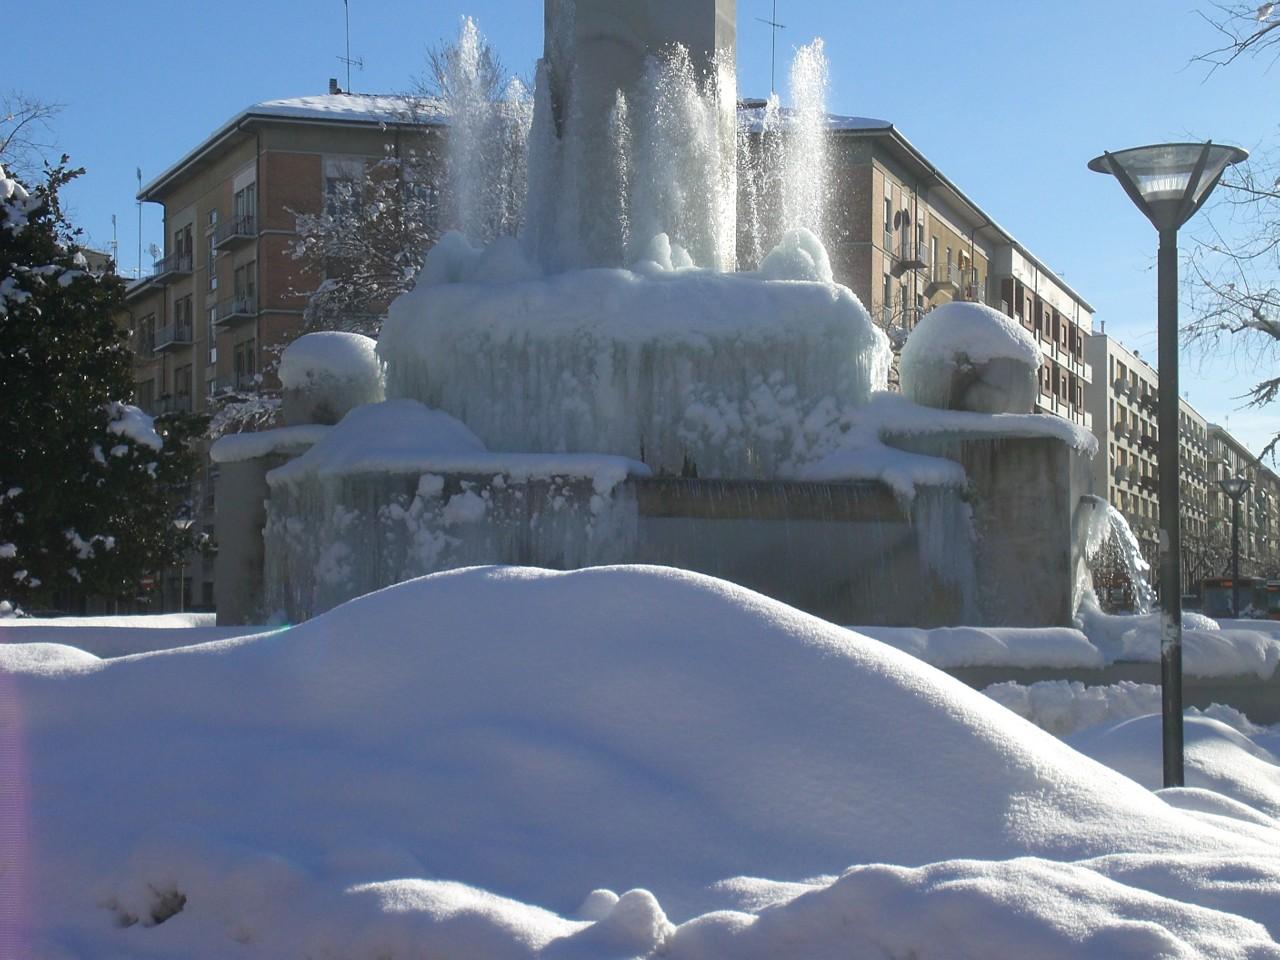 Piazzale della libertà  - Cuneo - Visit Italy